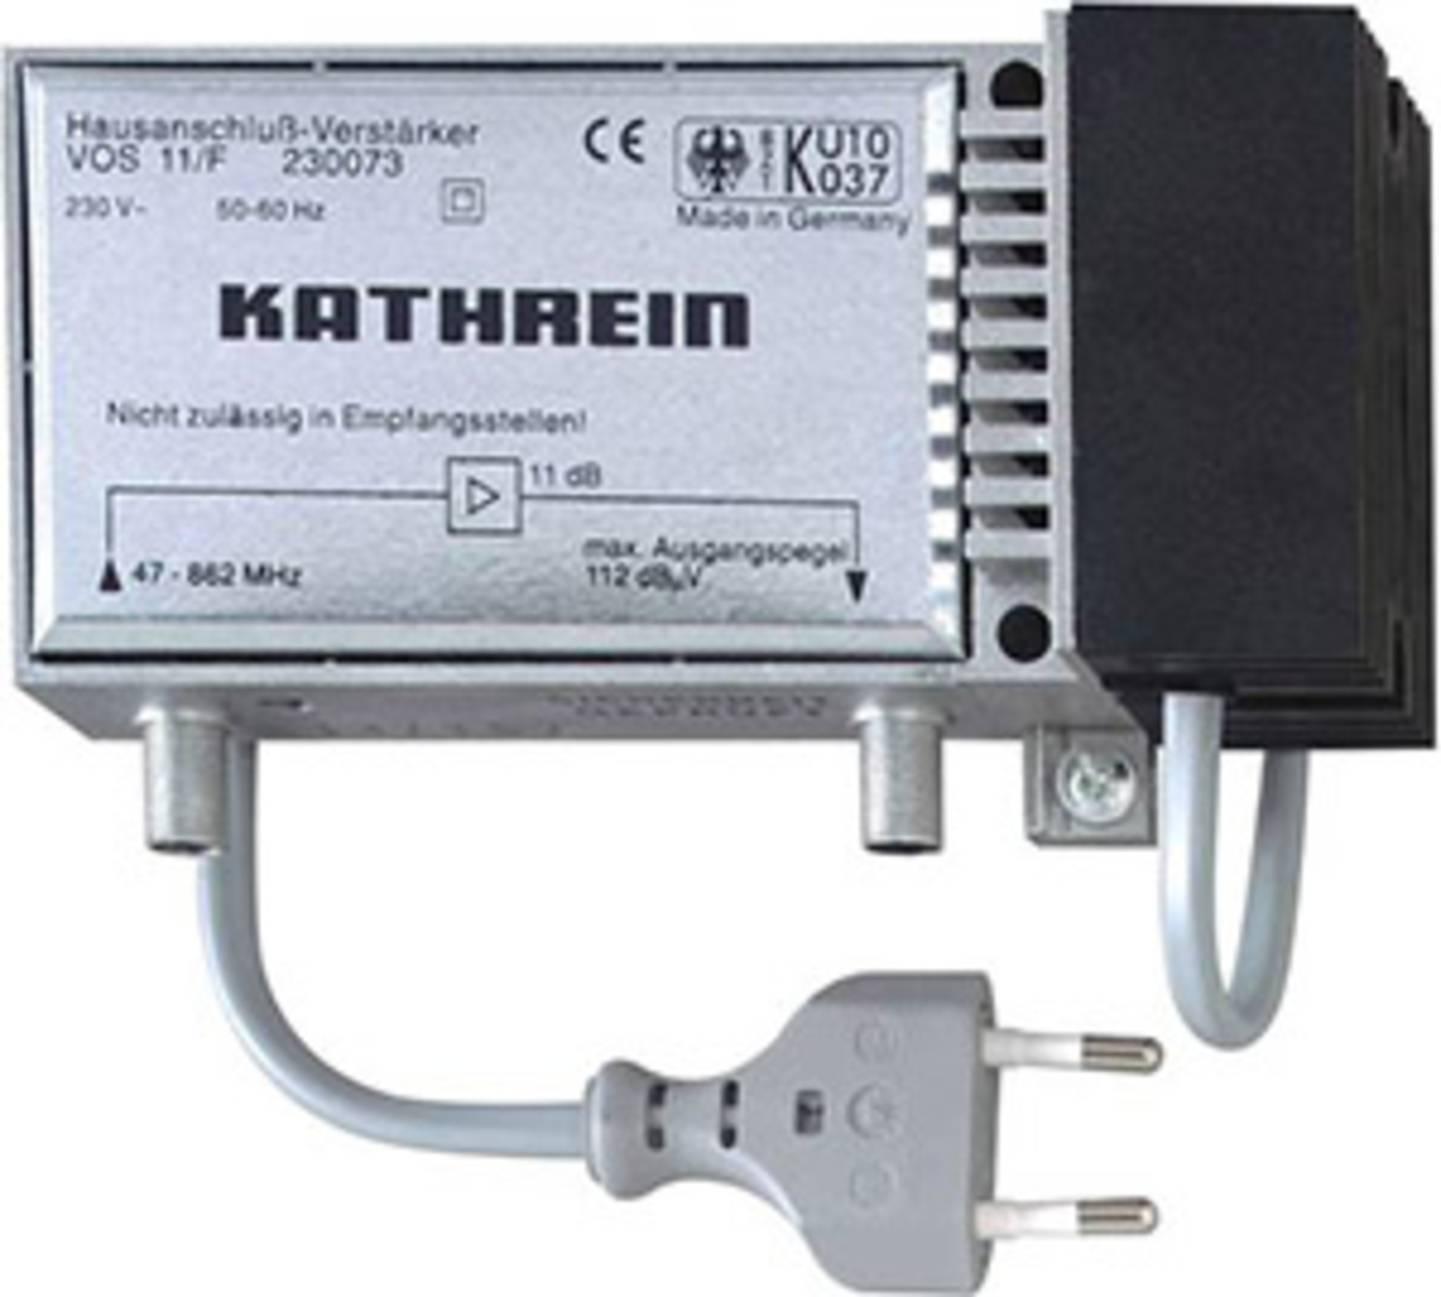 Kabel-TV Verstärker